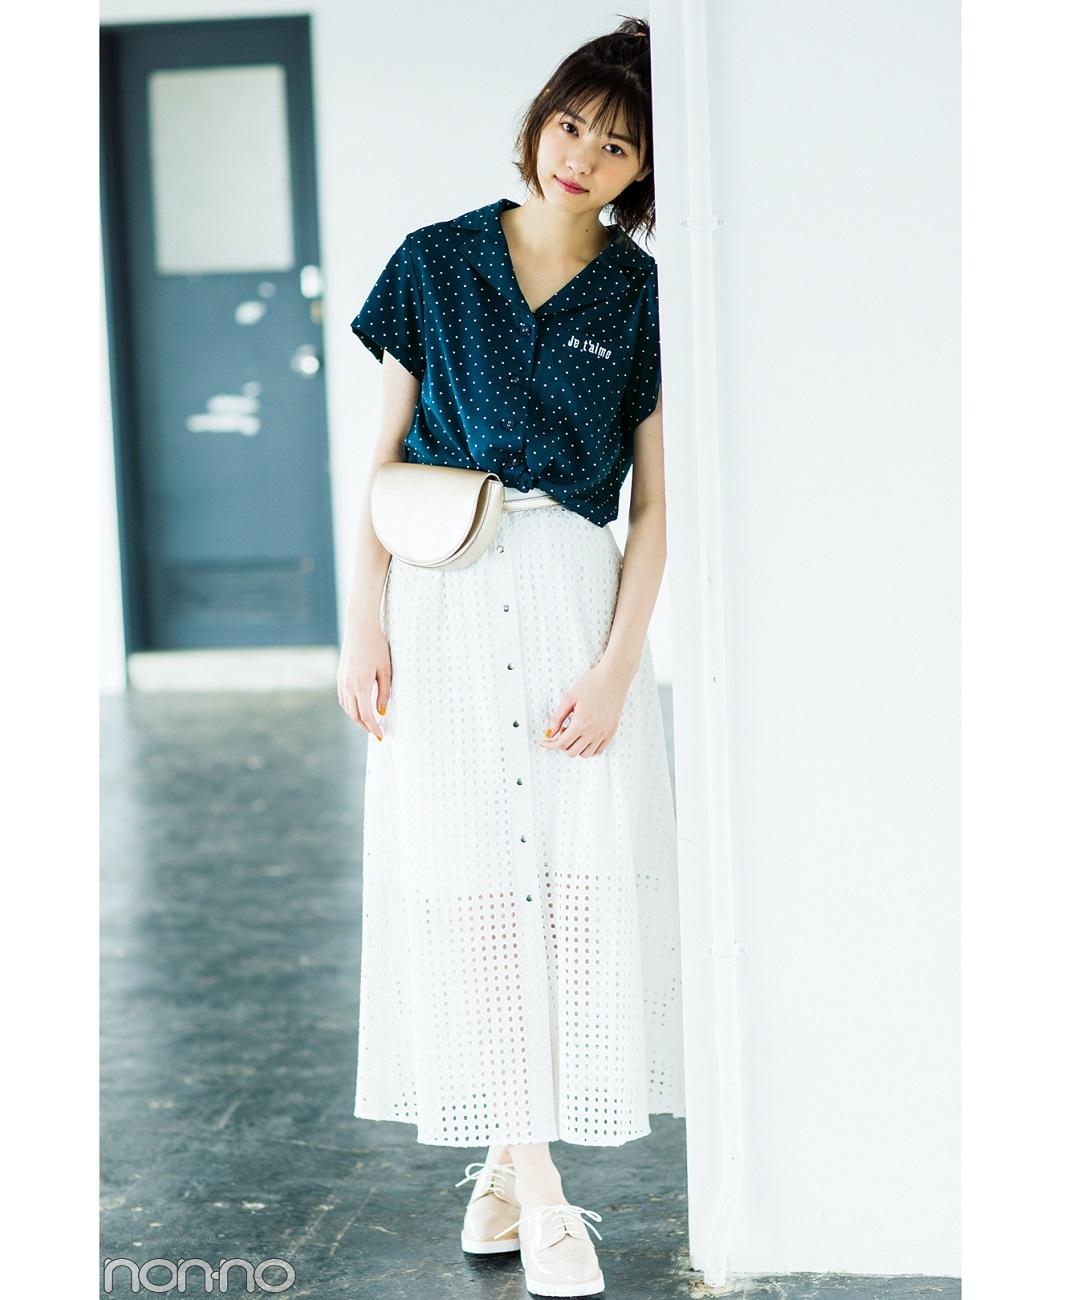 【夏のシャツコーデ】西野七瀬は、開襟シャツで首元をすっきりさせてクリーンな抜け感を